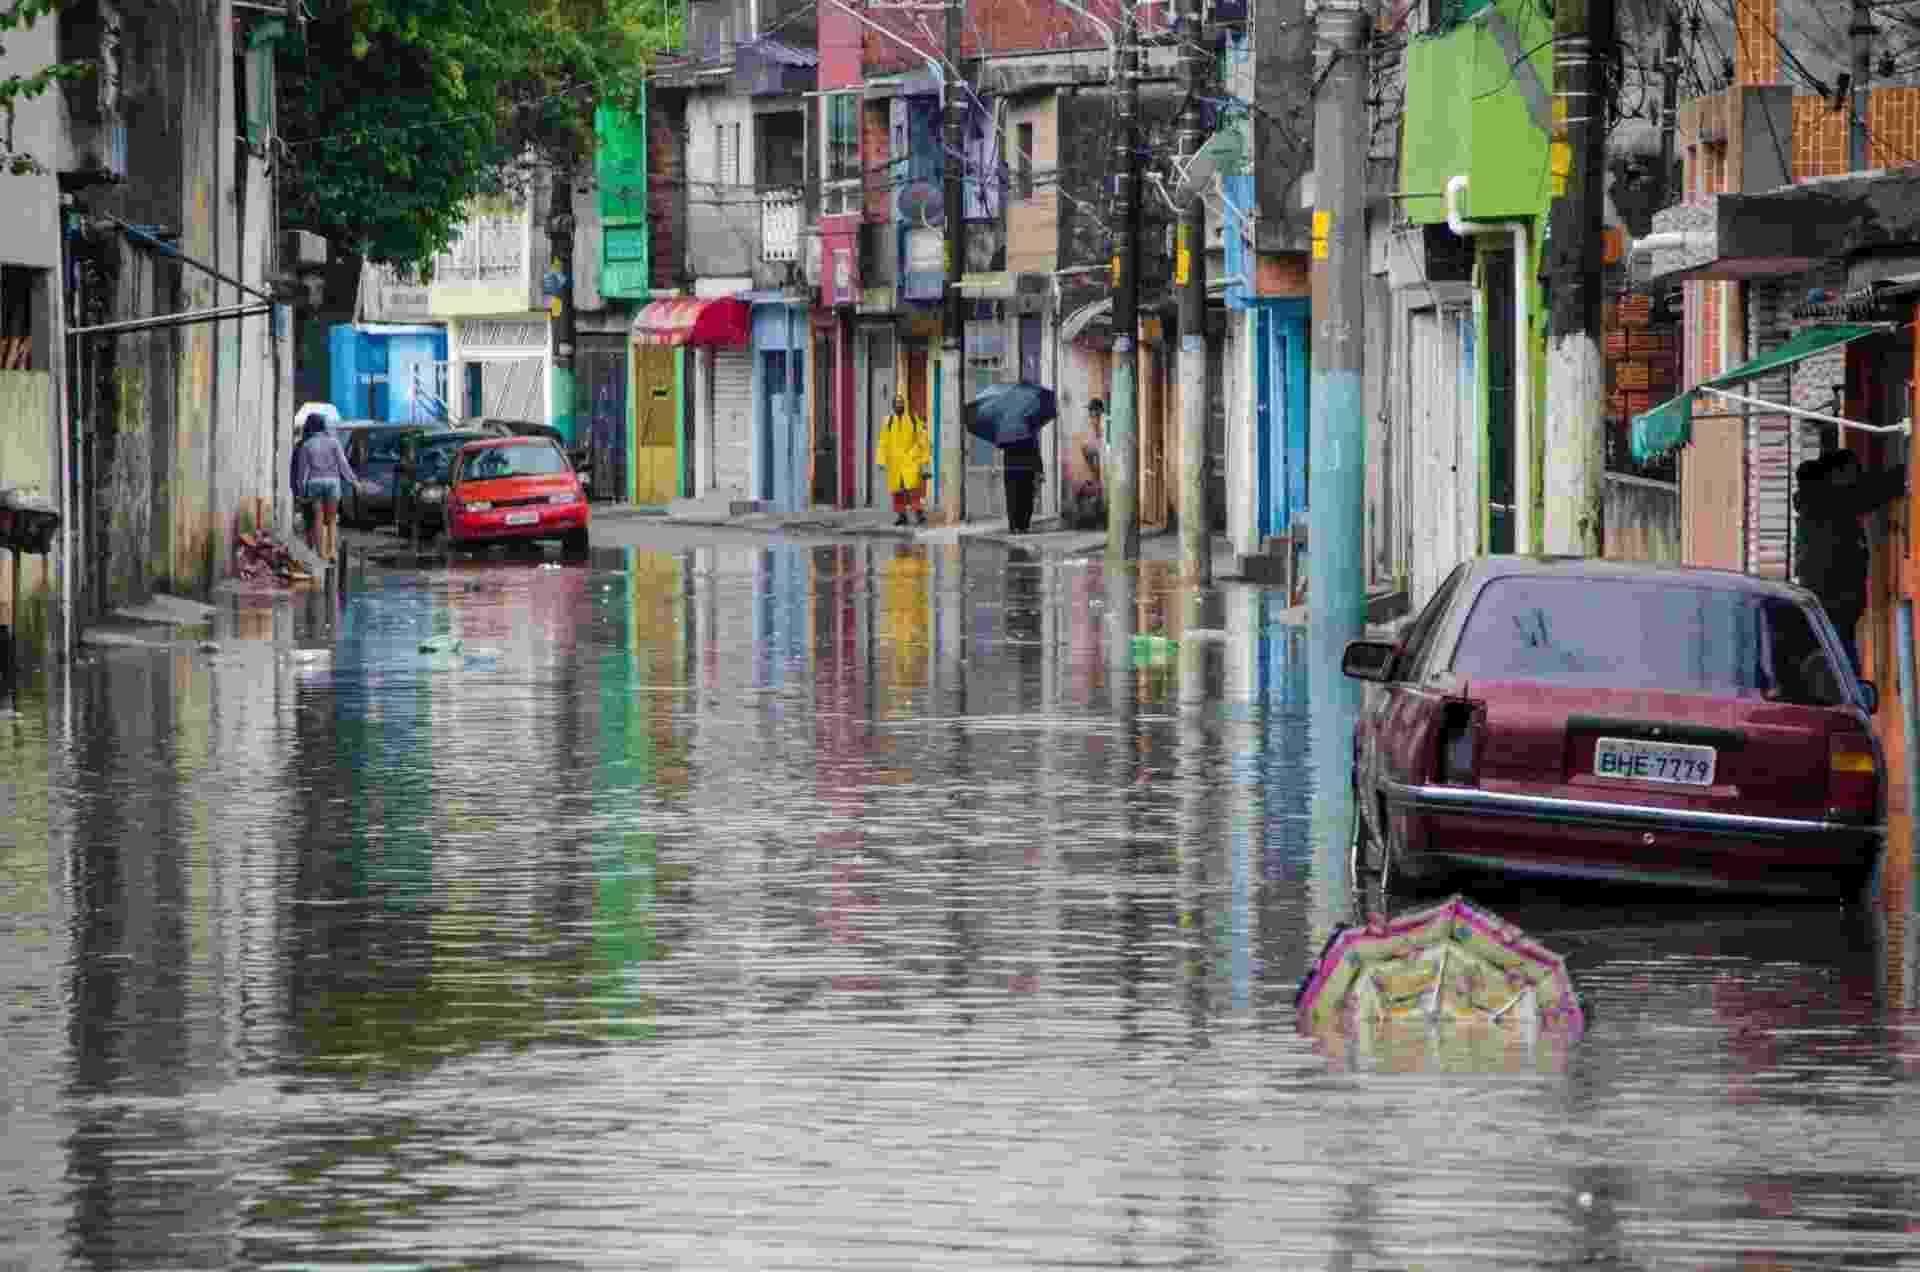 8.set.2015 - A chuva que cai sobre a cidade de São Paulo desde a madrugada causou enchentes e deixou a capital em estado de atenção. A rua Agreste de Itabaiana, na zona leste, foi uma das ruas que ficou alagada, o que dificultou a passagem de pedestres e carros - Gero/ Estadão Conteúdo